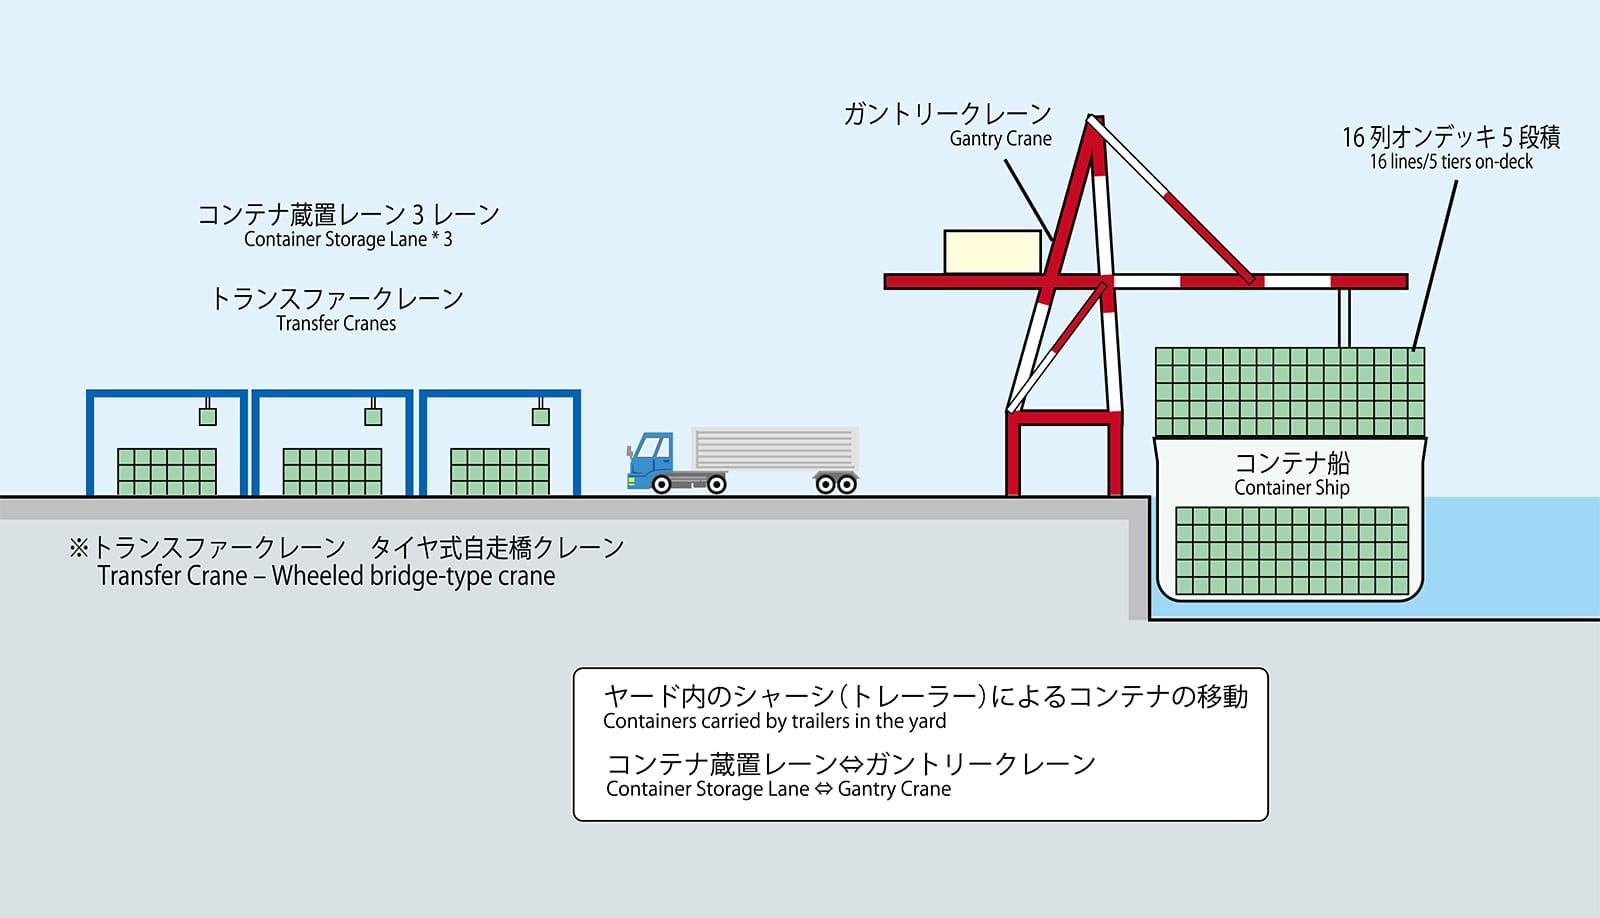 国際コンテナターミナル概念図(横断面)